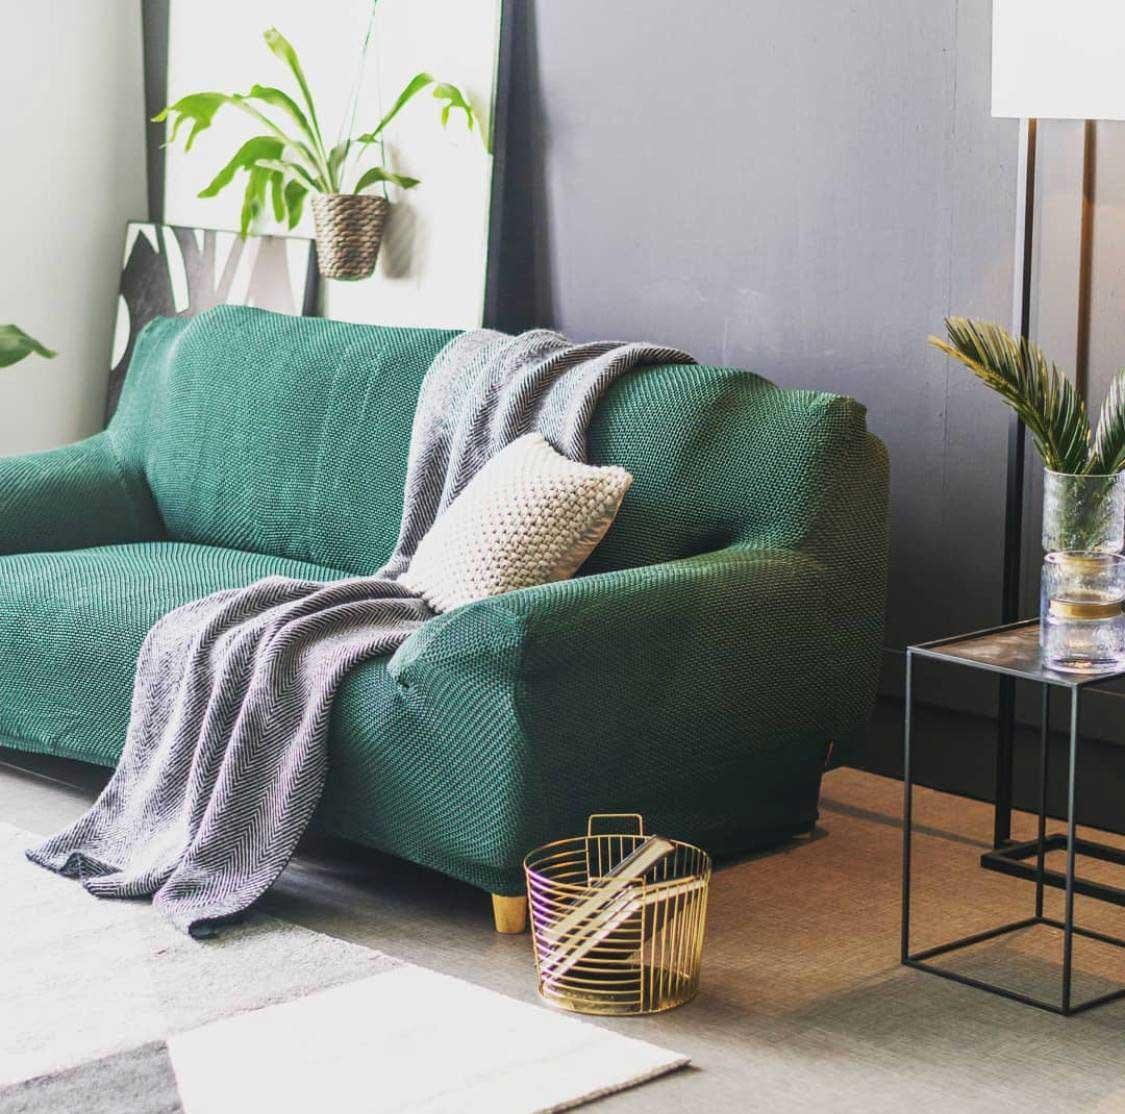 еврочехол на диван зеленый